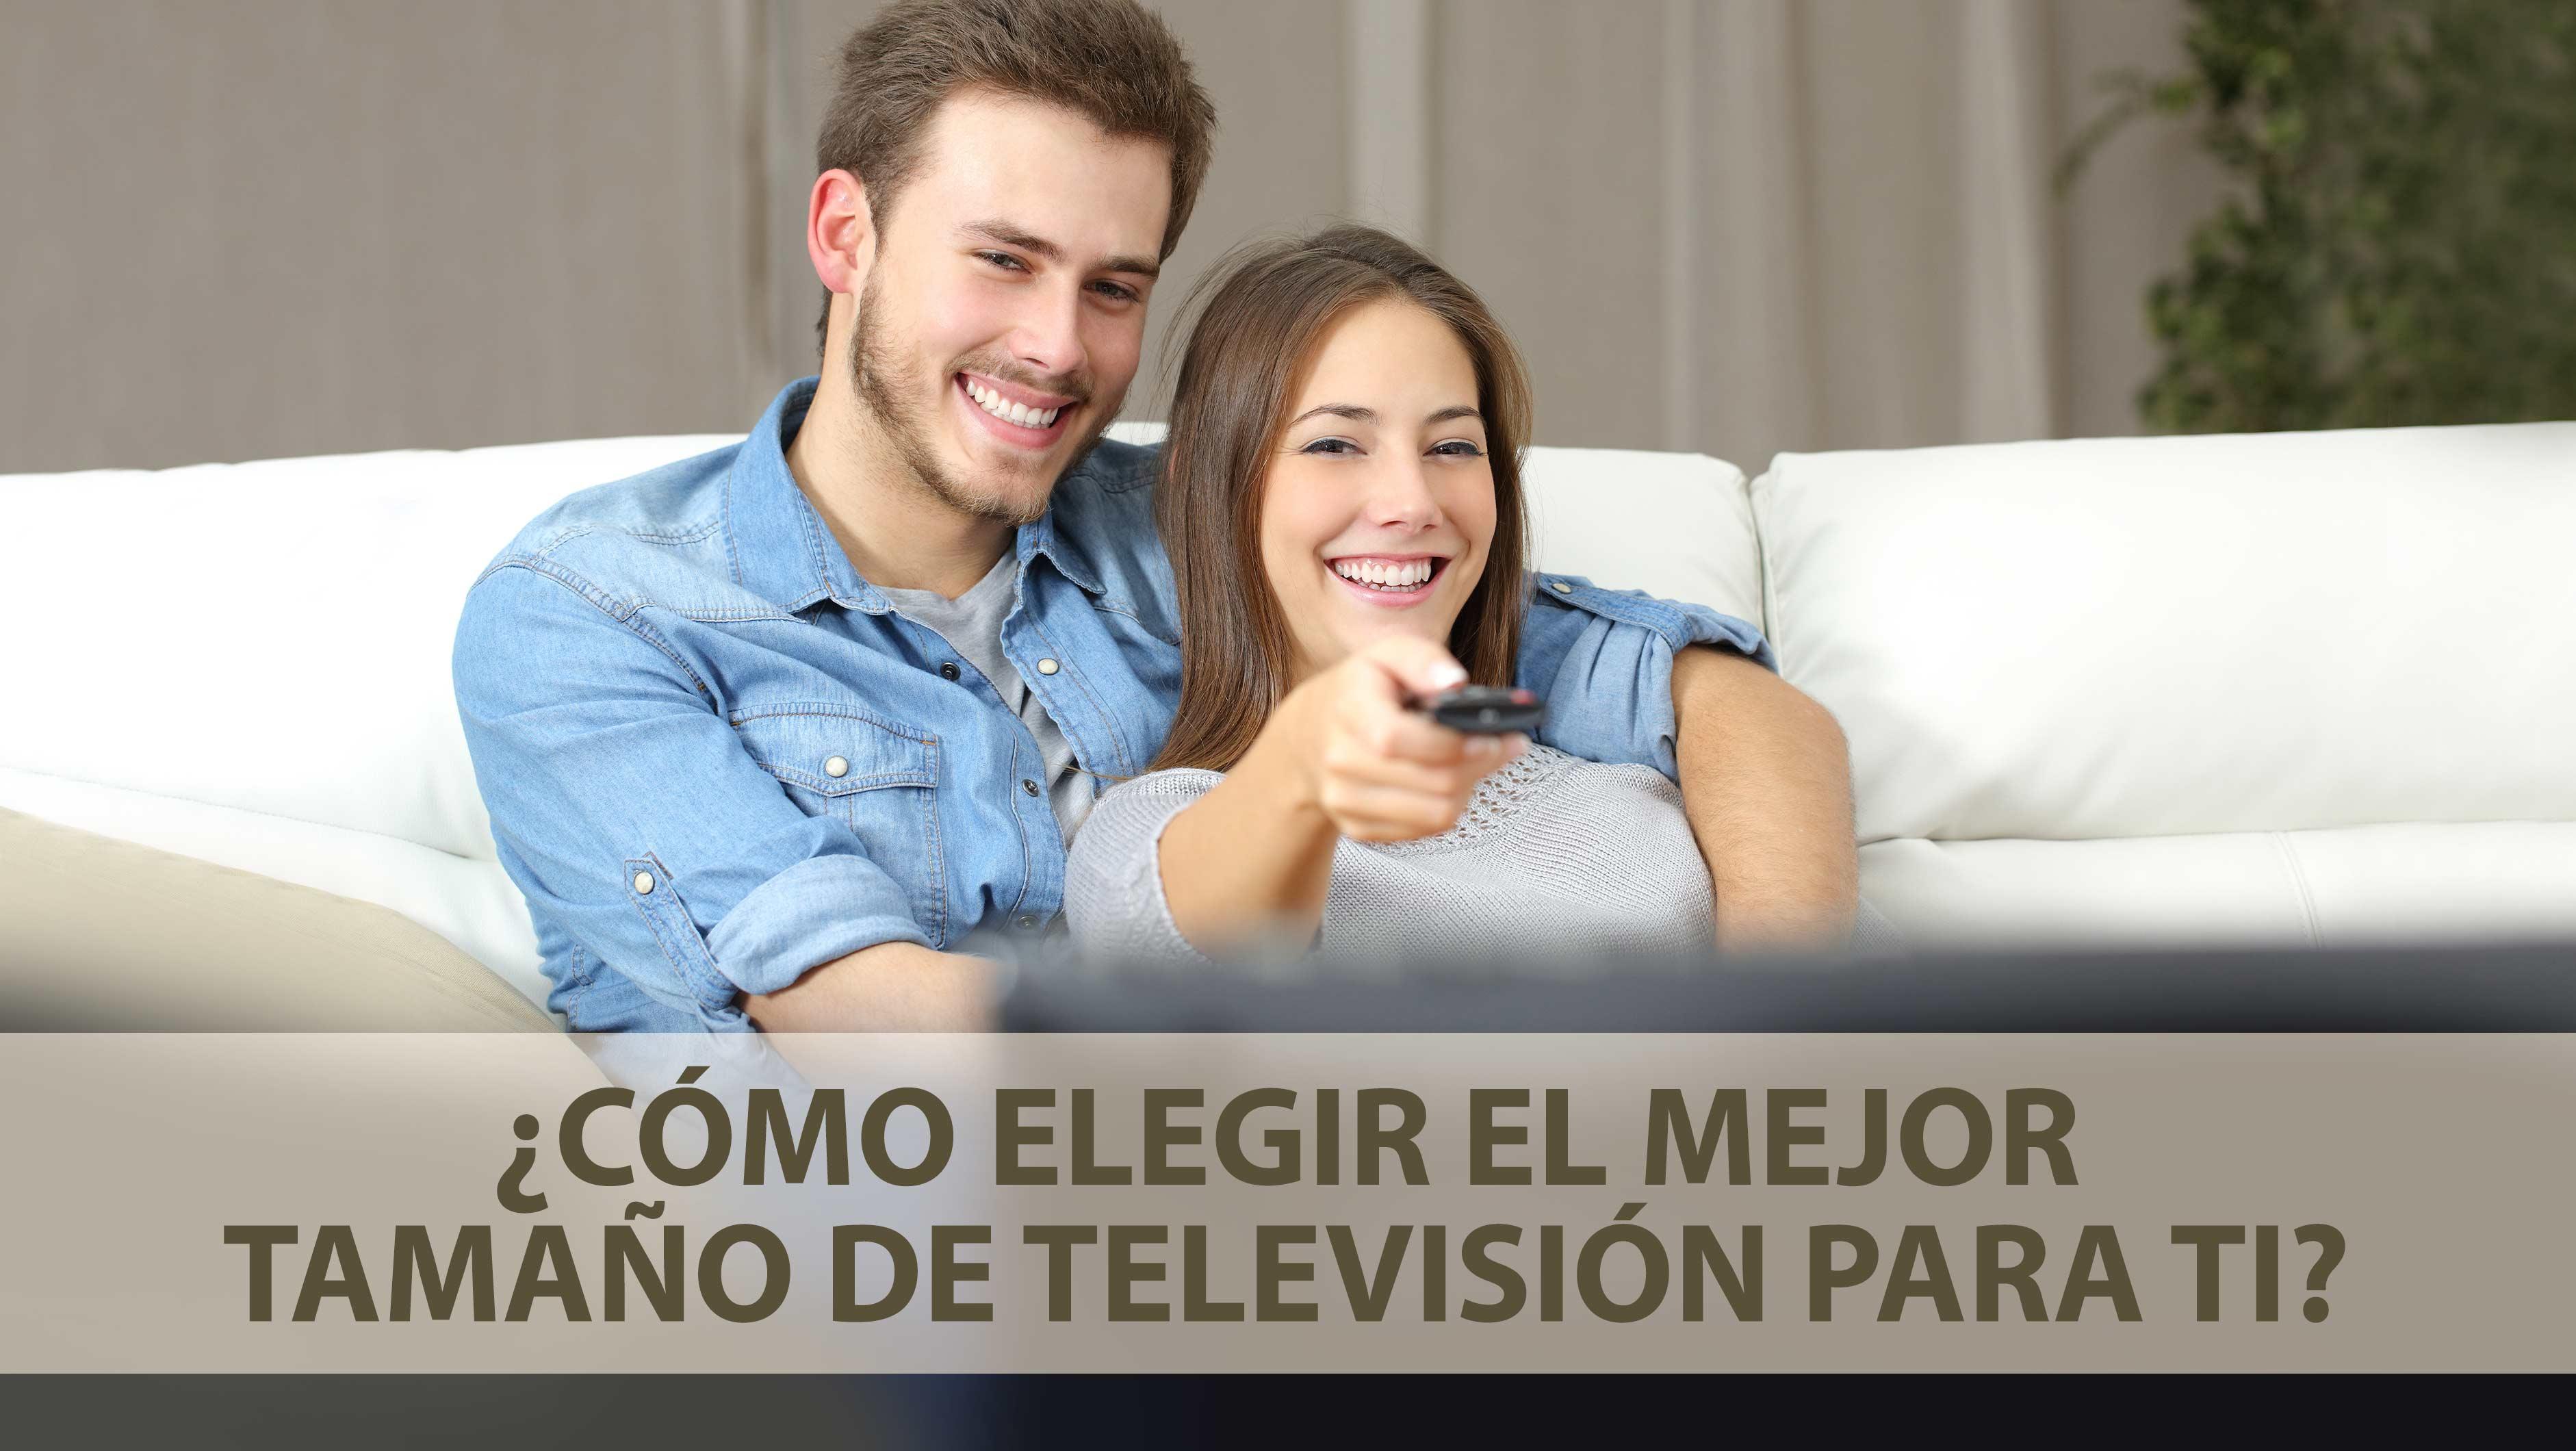 ¿Cómo elegir el mejor tamaño de televisión para ti?